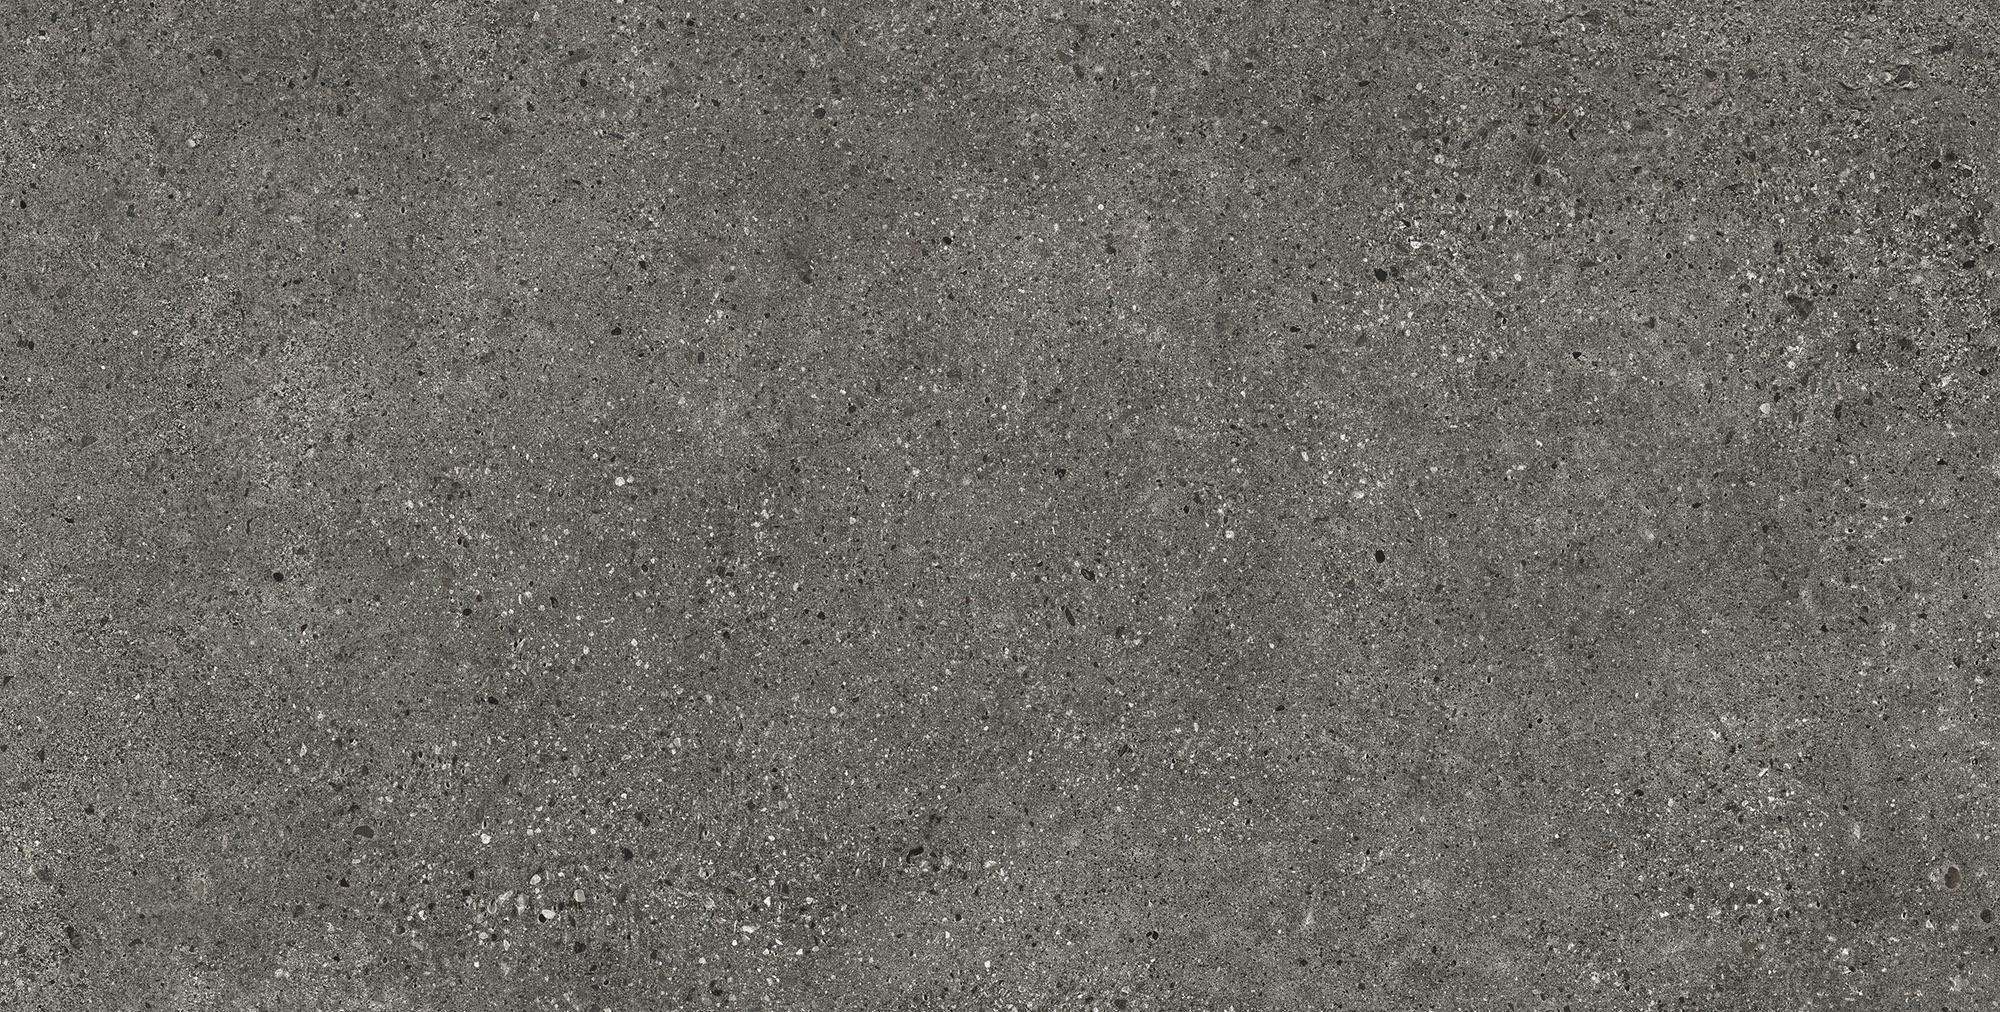 0099708, Deep, Tummanharmaa, lattia,pakkasenkesto,liukastumisenesto,uimahalli